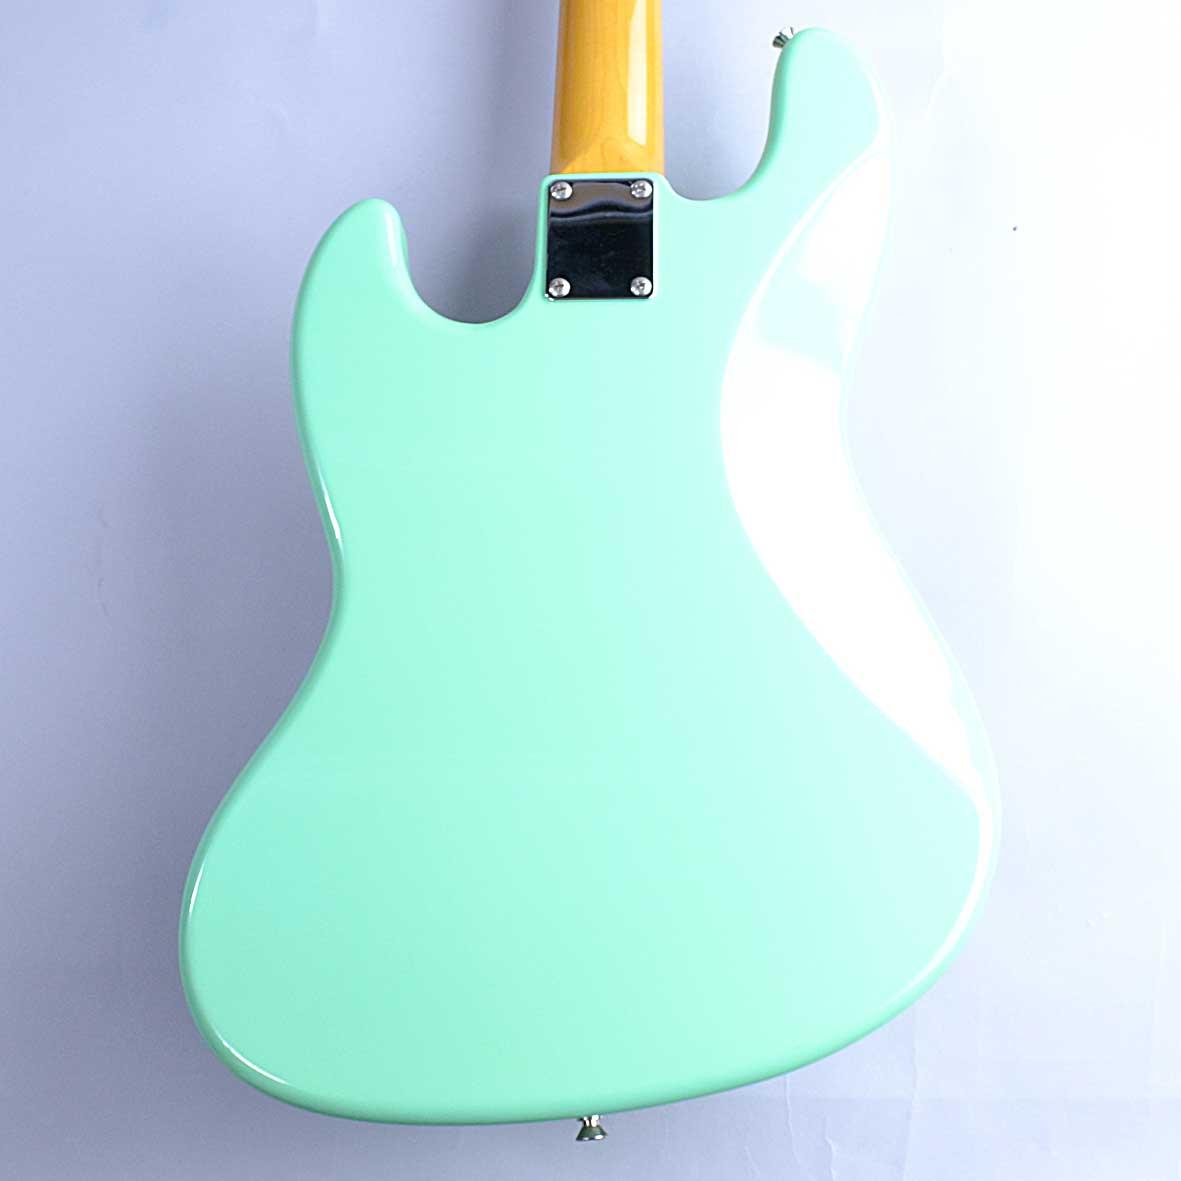 Fender TRAD 60S JASS BASSの全体画像(縦)